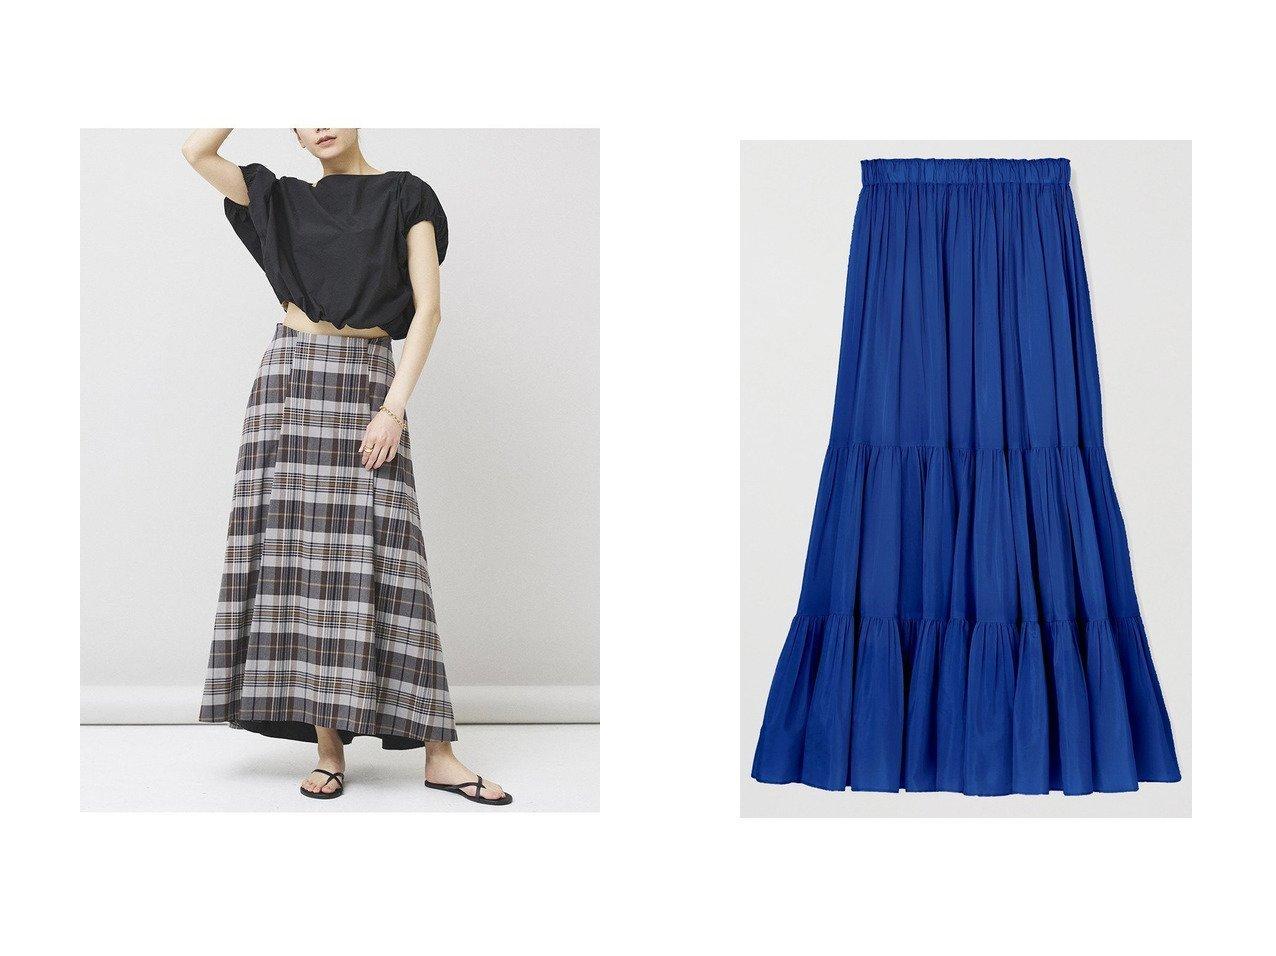 【ANAYI/アナイ】のライトローンティアード スカート&【Curensology/カレンソロジー】のチェックフレアスカート 【スカート】おすすめ!人気トレンド・レディースファッションの通販  おすすめで人気の流行・トレンド、ファッションの通販商品 メンズファッション・キッズファッション・インテリア・家具・レディースファッション・服の通販 founy(ファニー) https://founy.com/ ファッション Fashion レディースファッション WOMEN スカート Skirt Aライン/フレアスカート Flared A-Line Skirts ロングスカート Long Skirt ティアードスカート Tiered Skirts S/S・春夏 SS・Spring/Summer タイプライター チェック フレア ヘムライン ロング 春 Spring ギャザー ティアードスカート プリーツ ミックス  ID:crp329100000030907